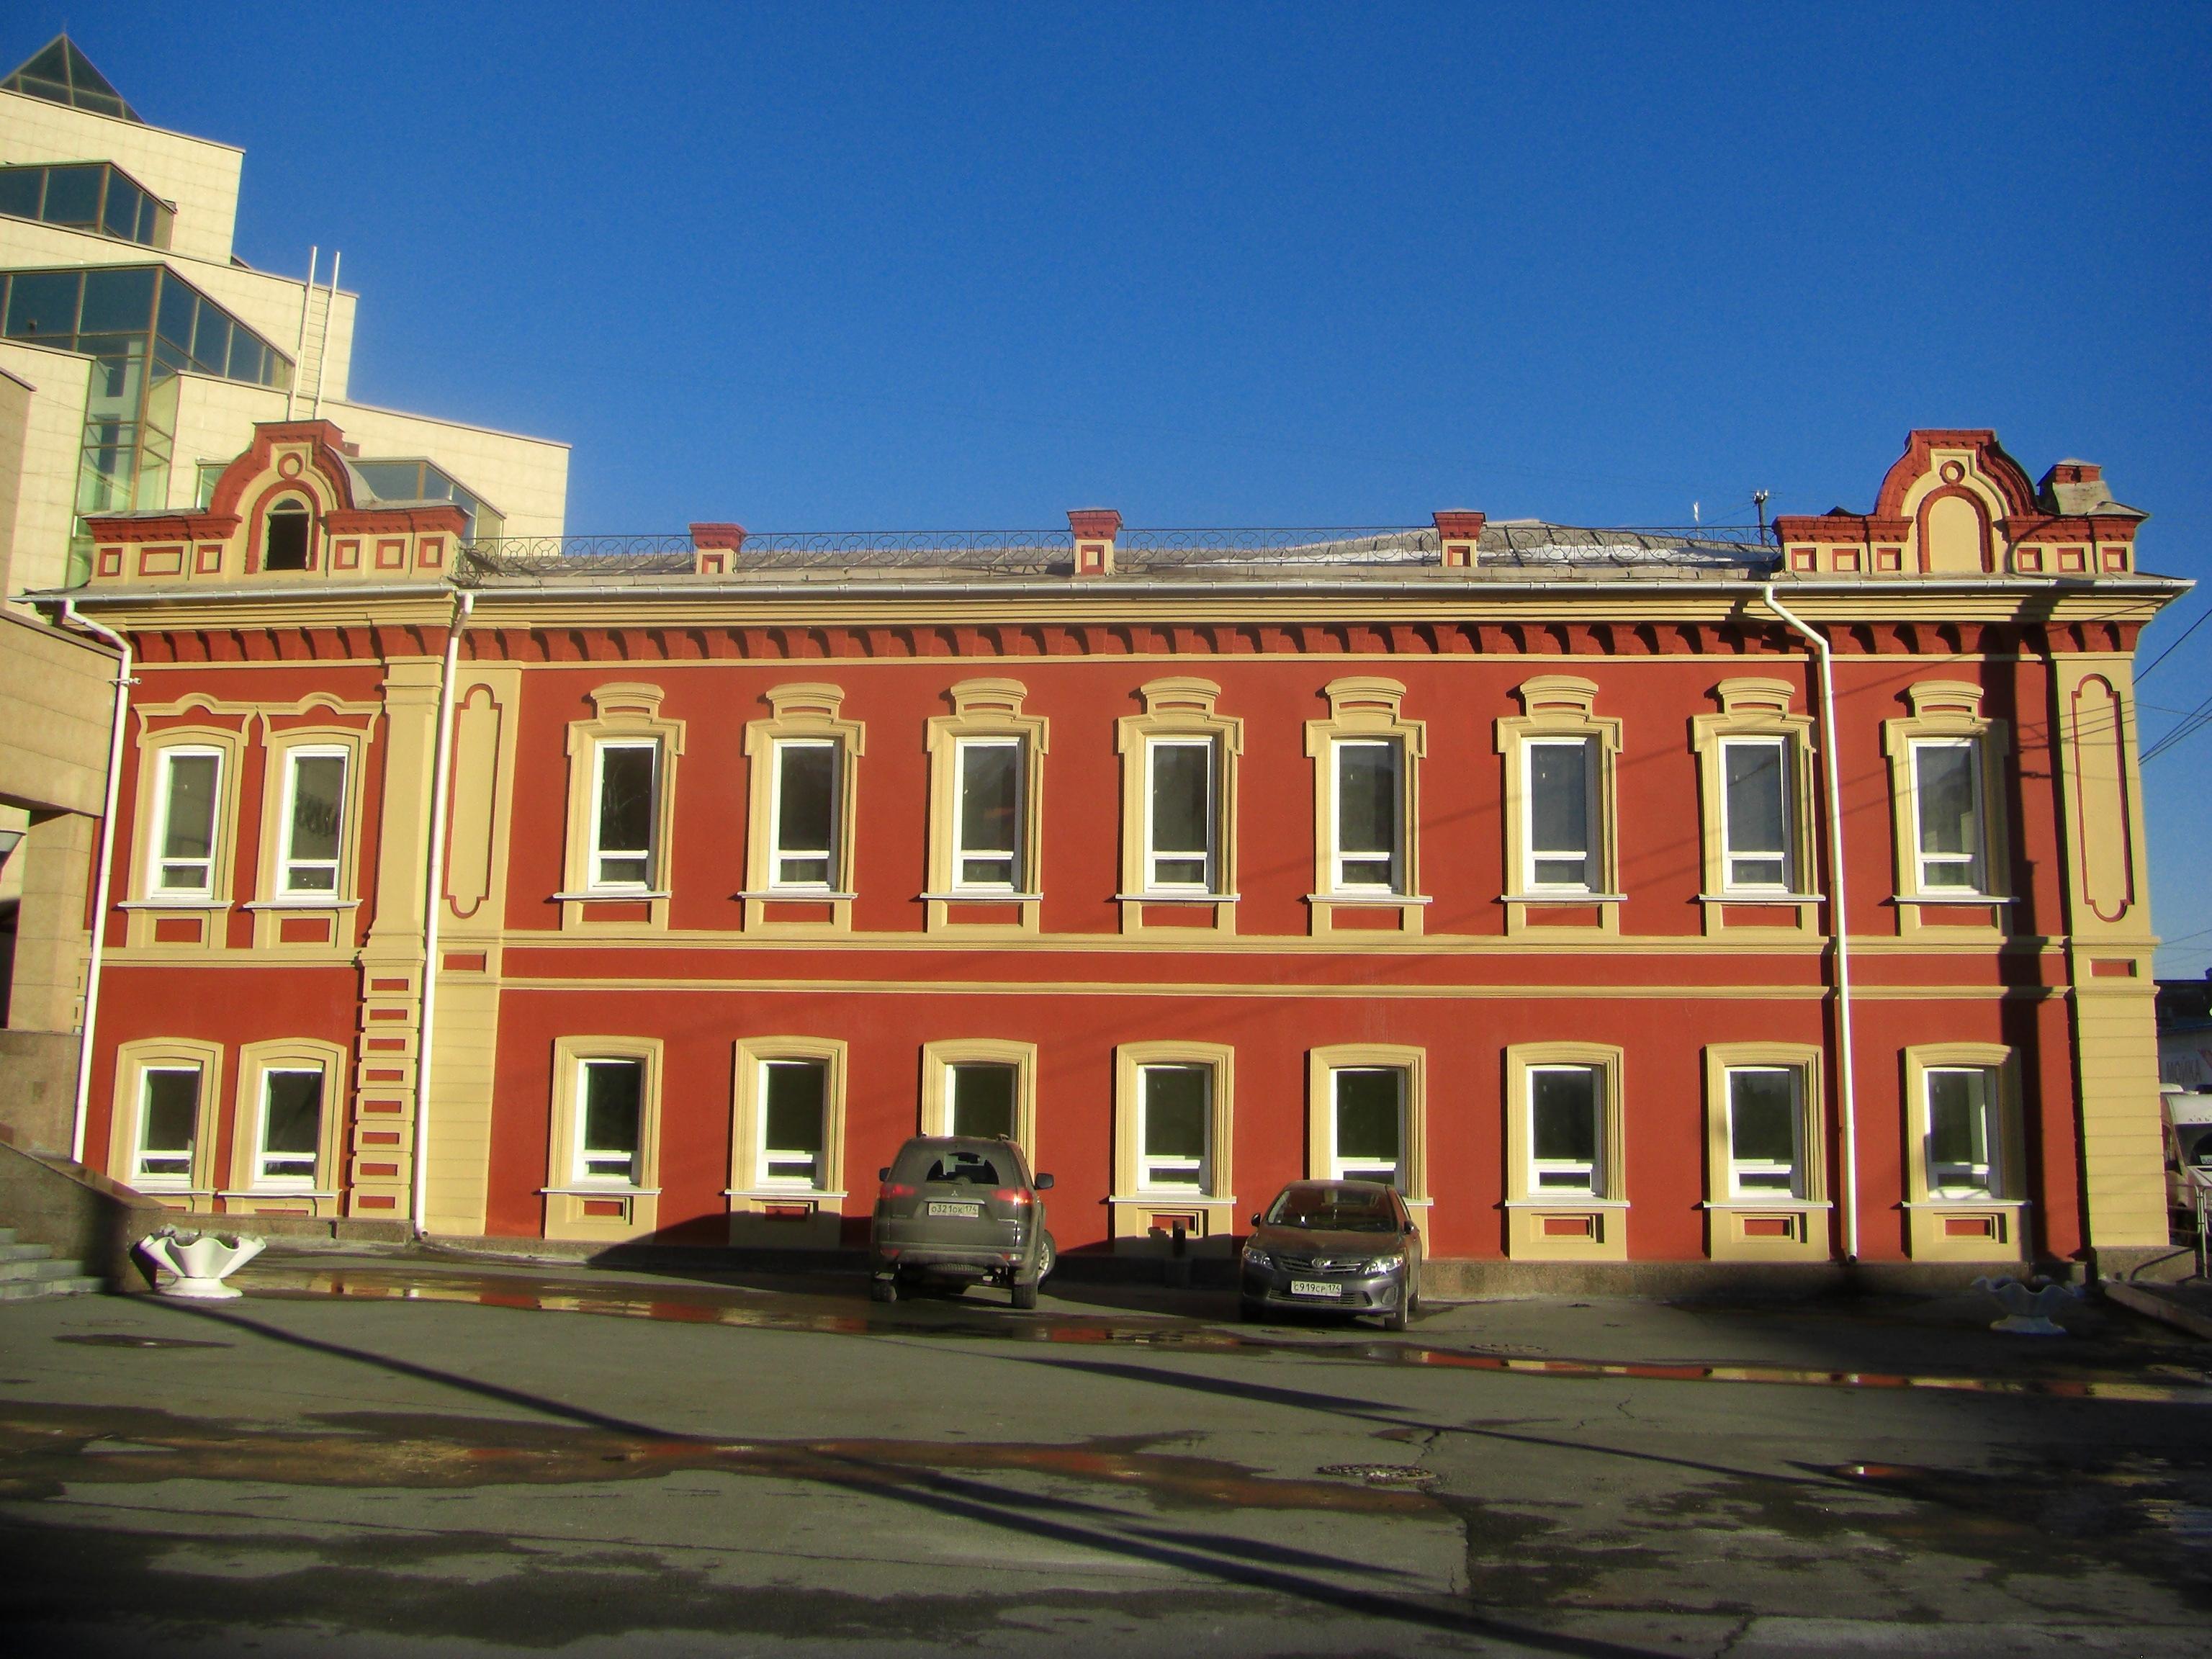 В этом здании откроется Музей истории Челябинска. Вид со стороны Областного краеведческого музея (10.11.2014)